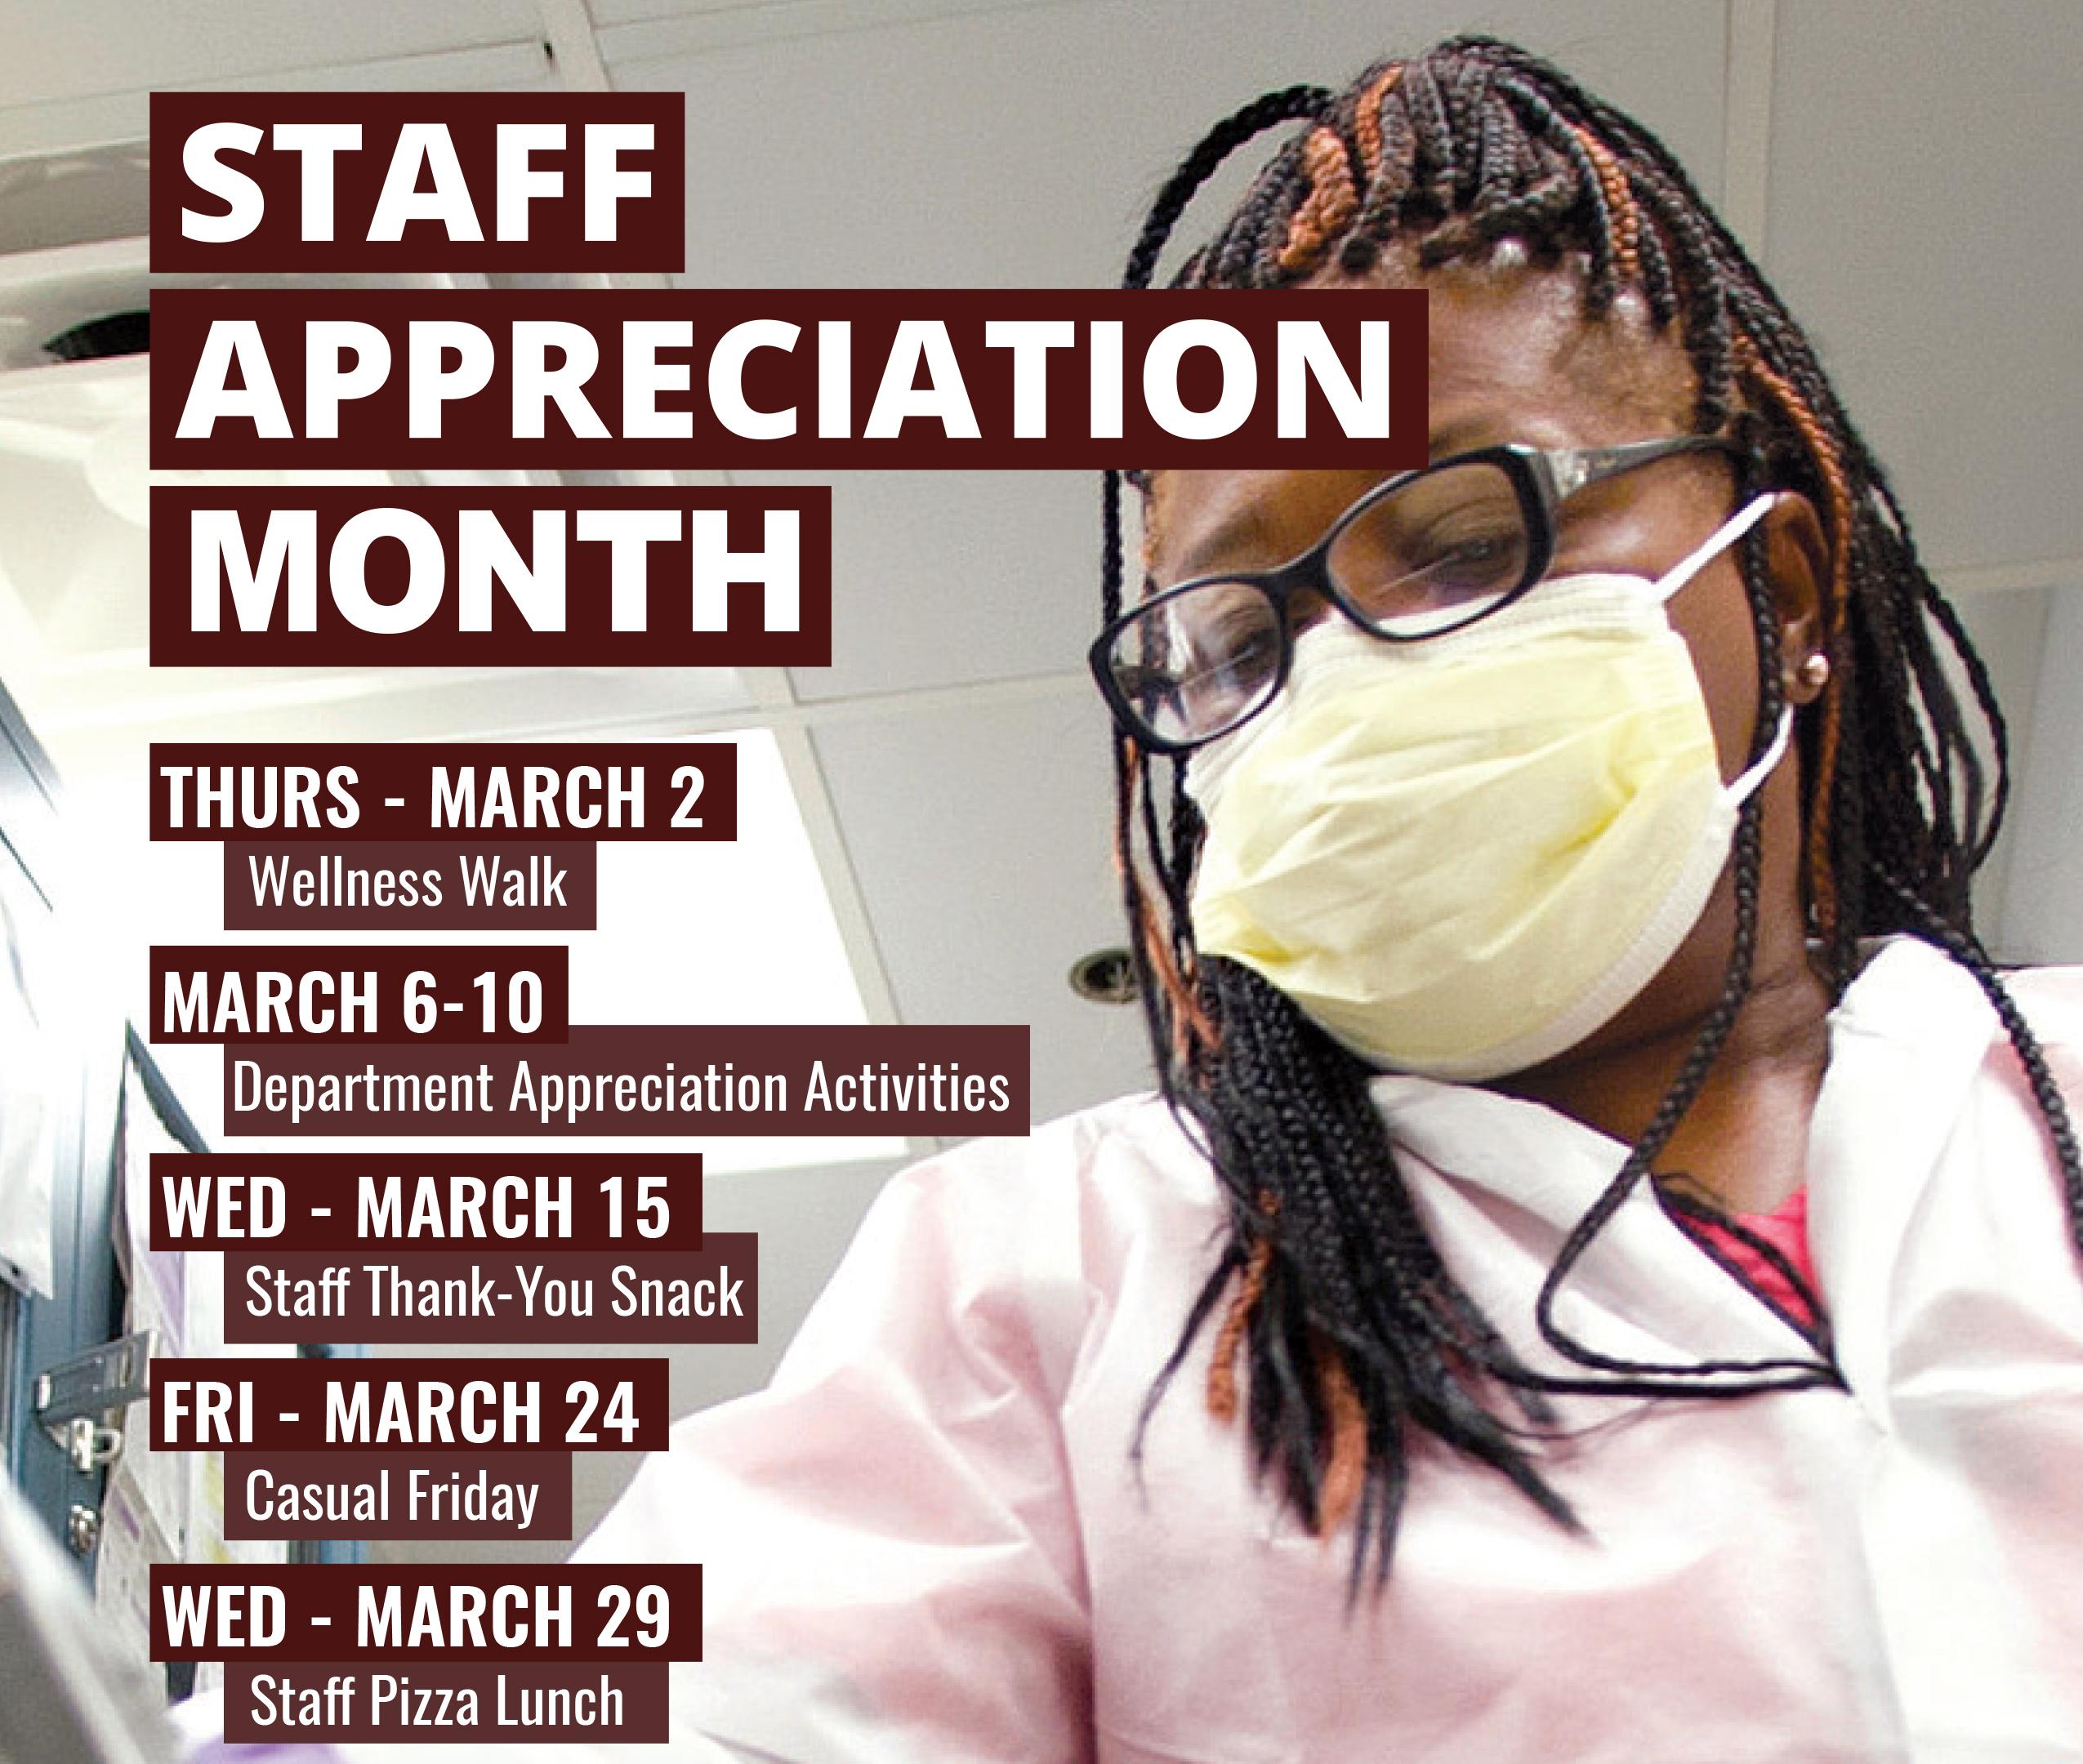 Staff Appreciation Month